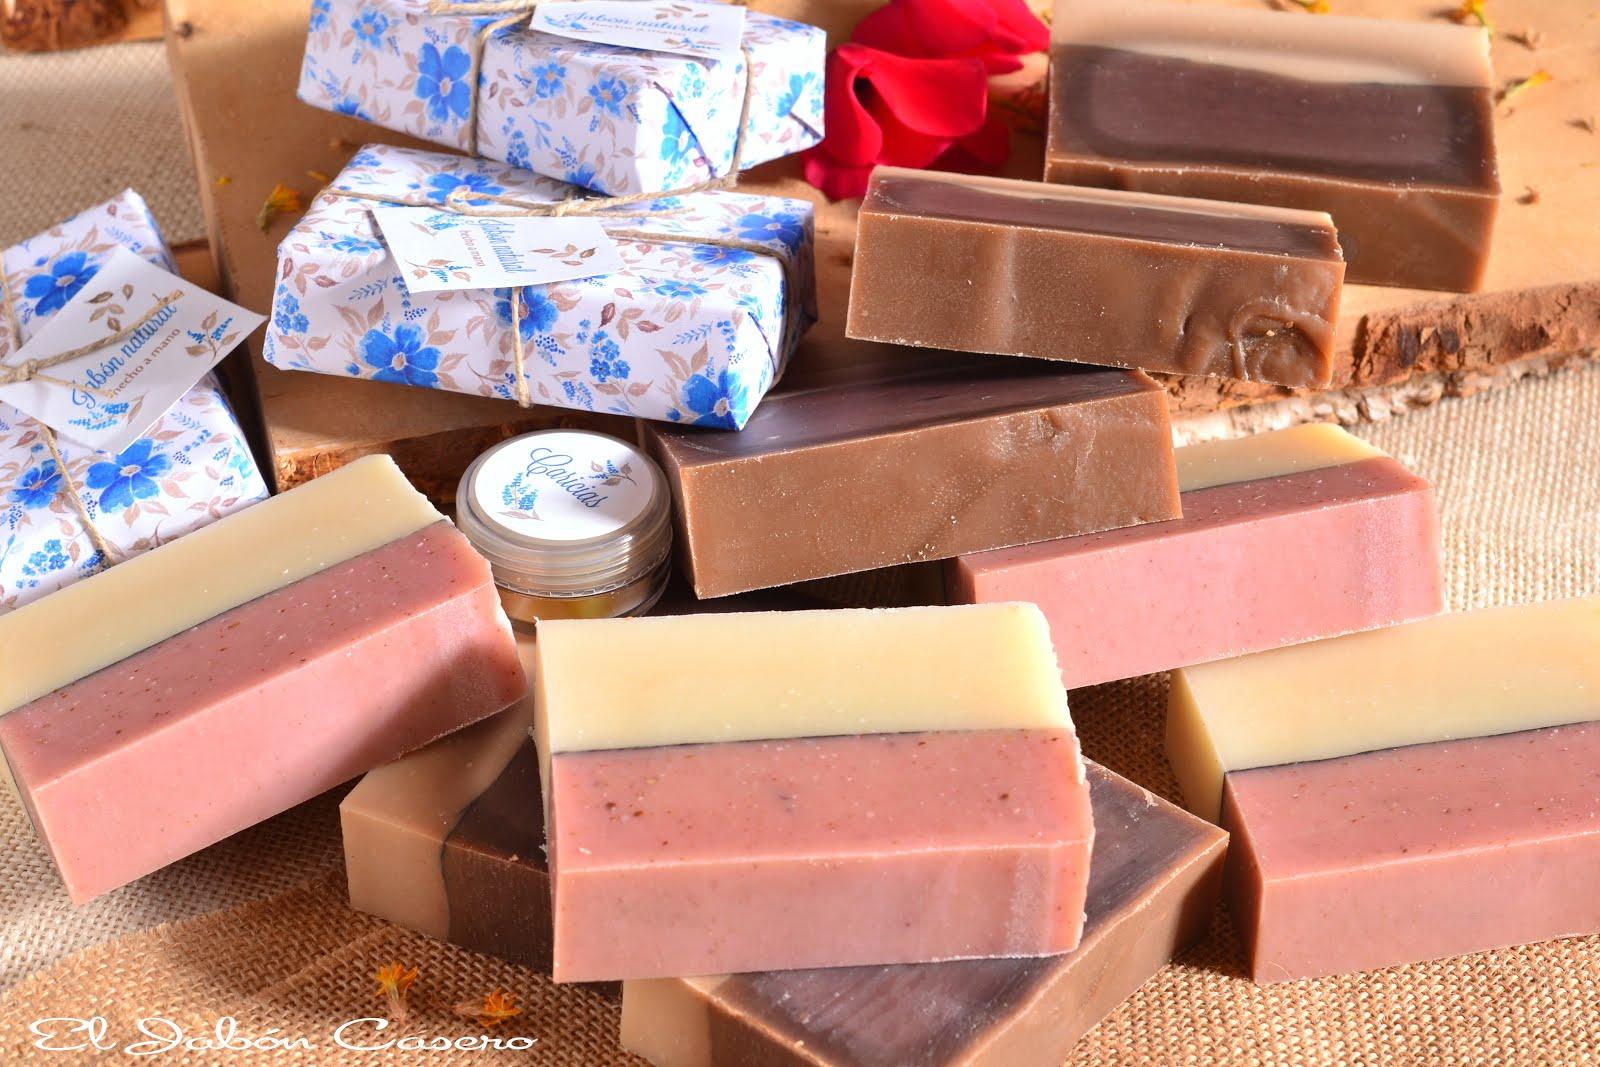 jabones naturales regalos para navidad